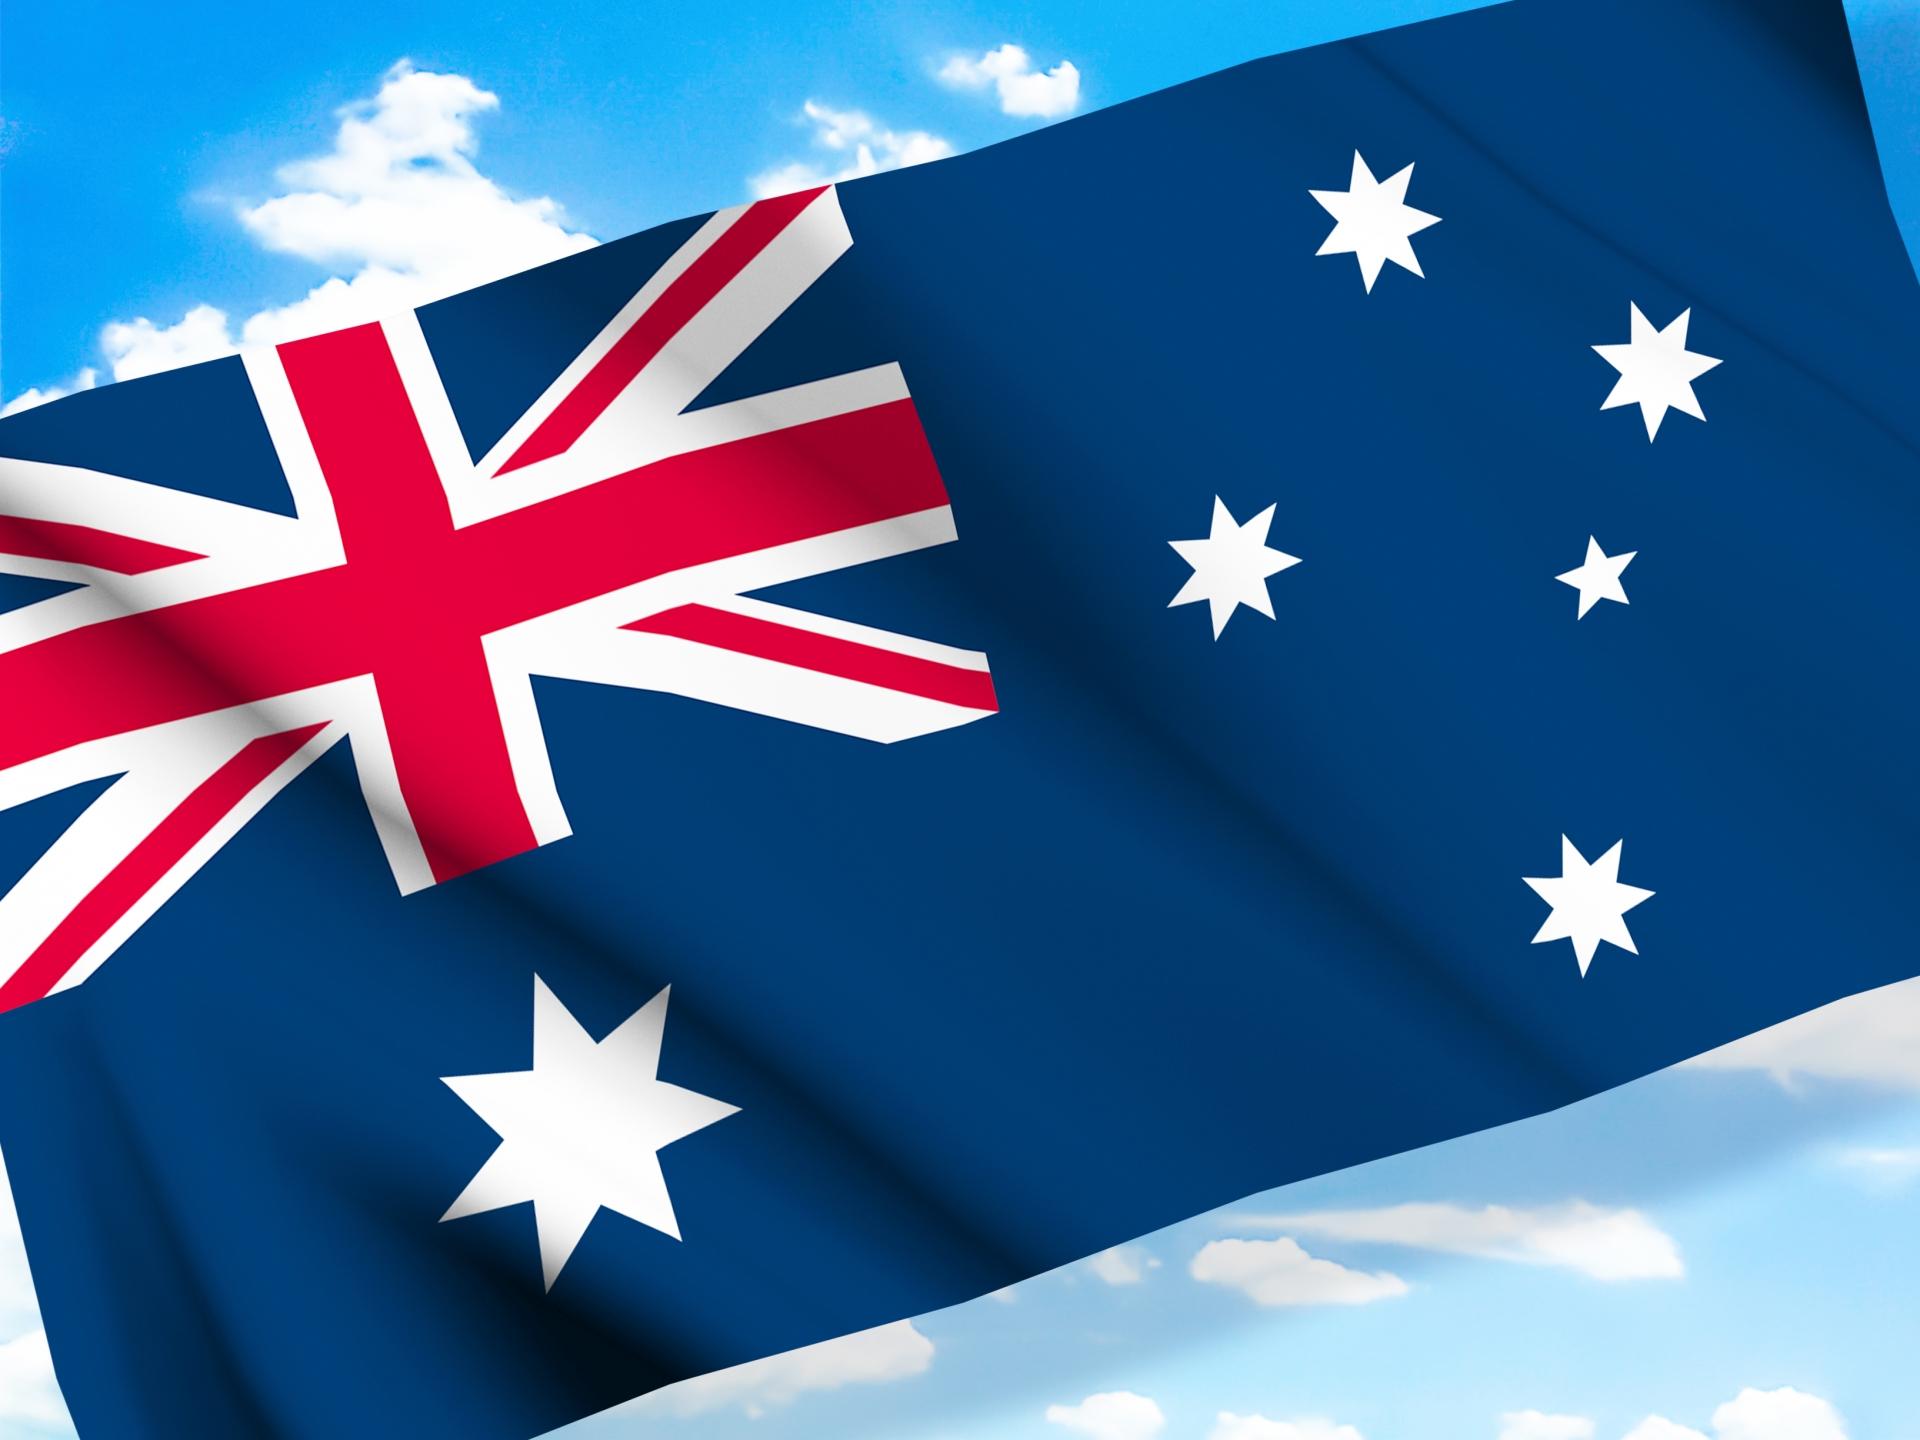 オーストラリアと中国経済の相関性について